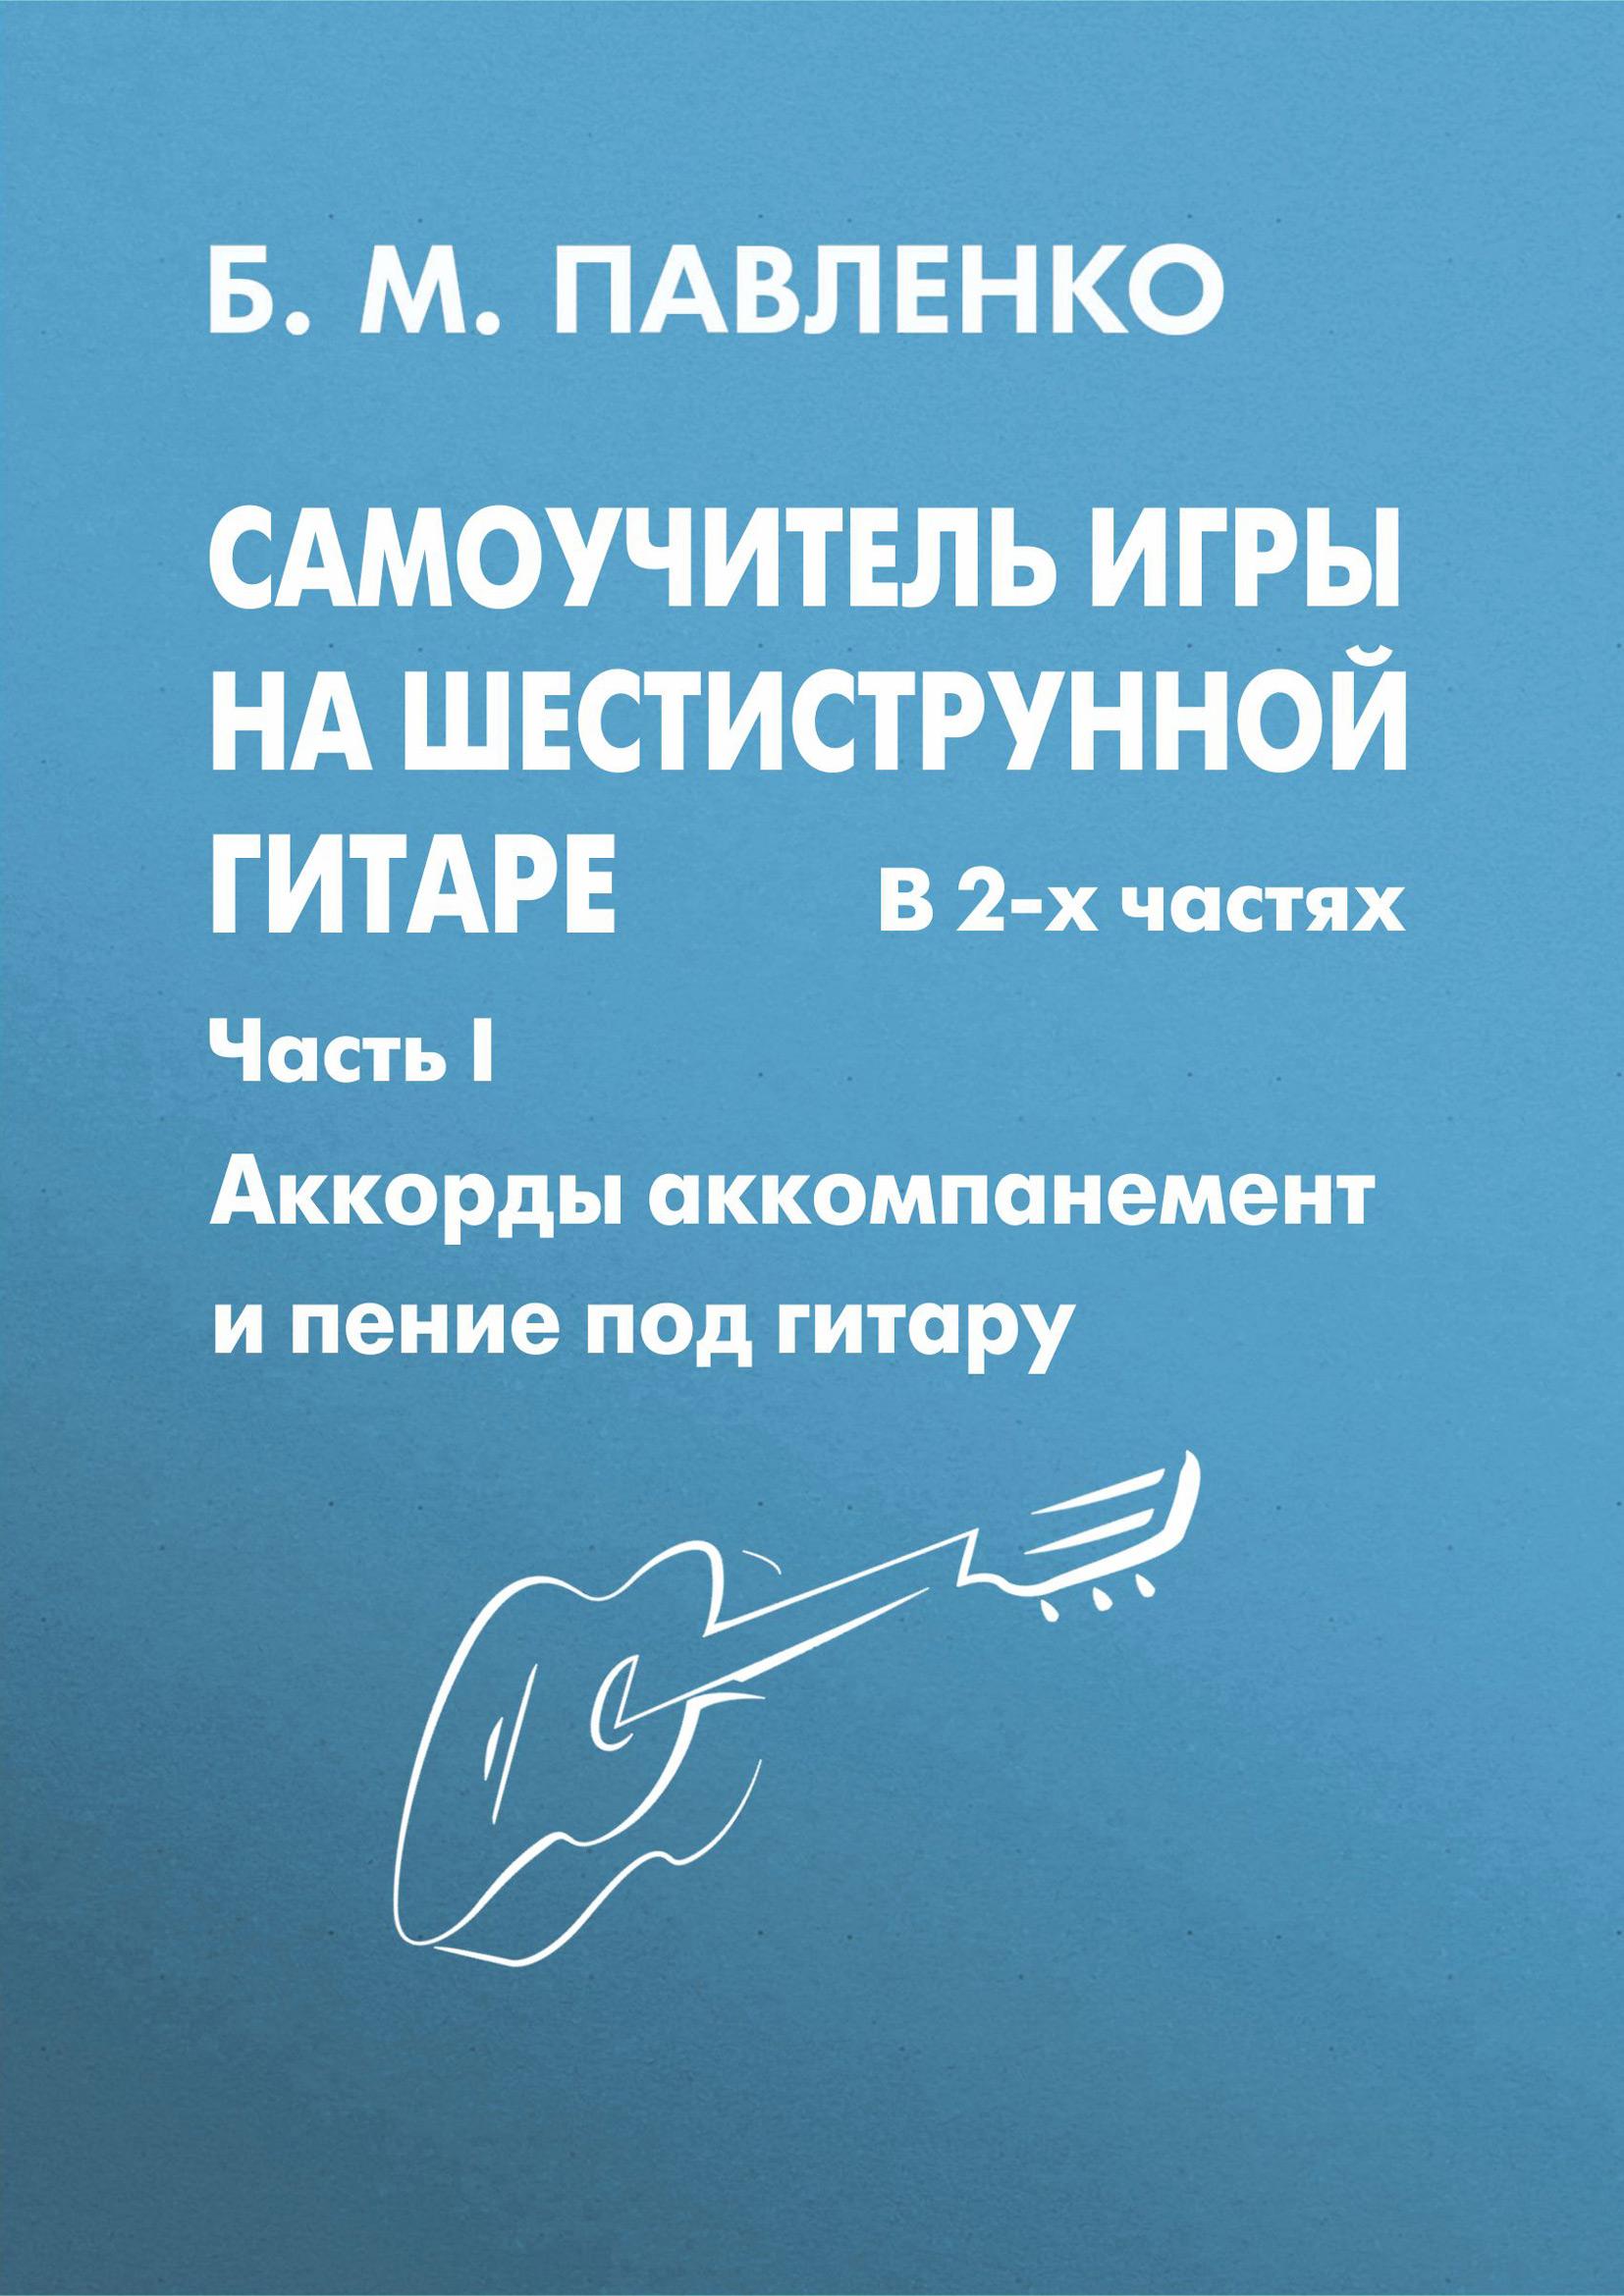 Самоучитель игры на шестиструнной гитаре в 2-х частях. Аккорды, аккомпанемент и пение под гитару. Часть I